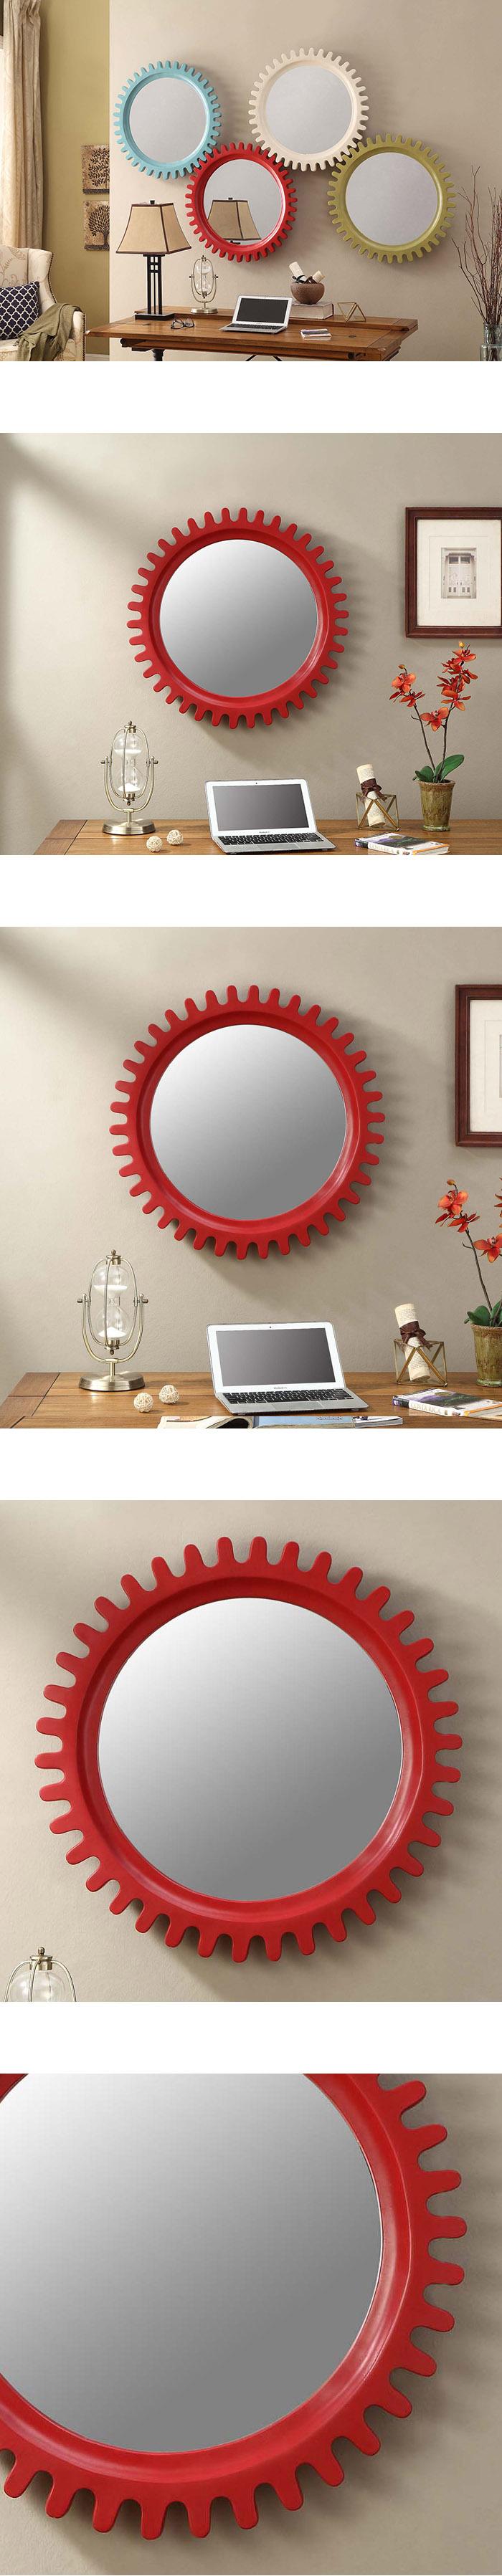 Sun-Red_full.jpg